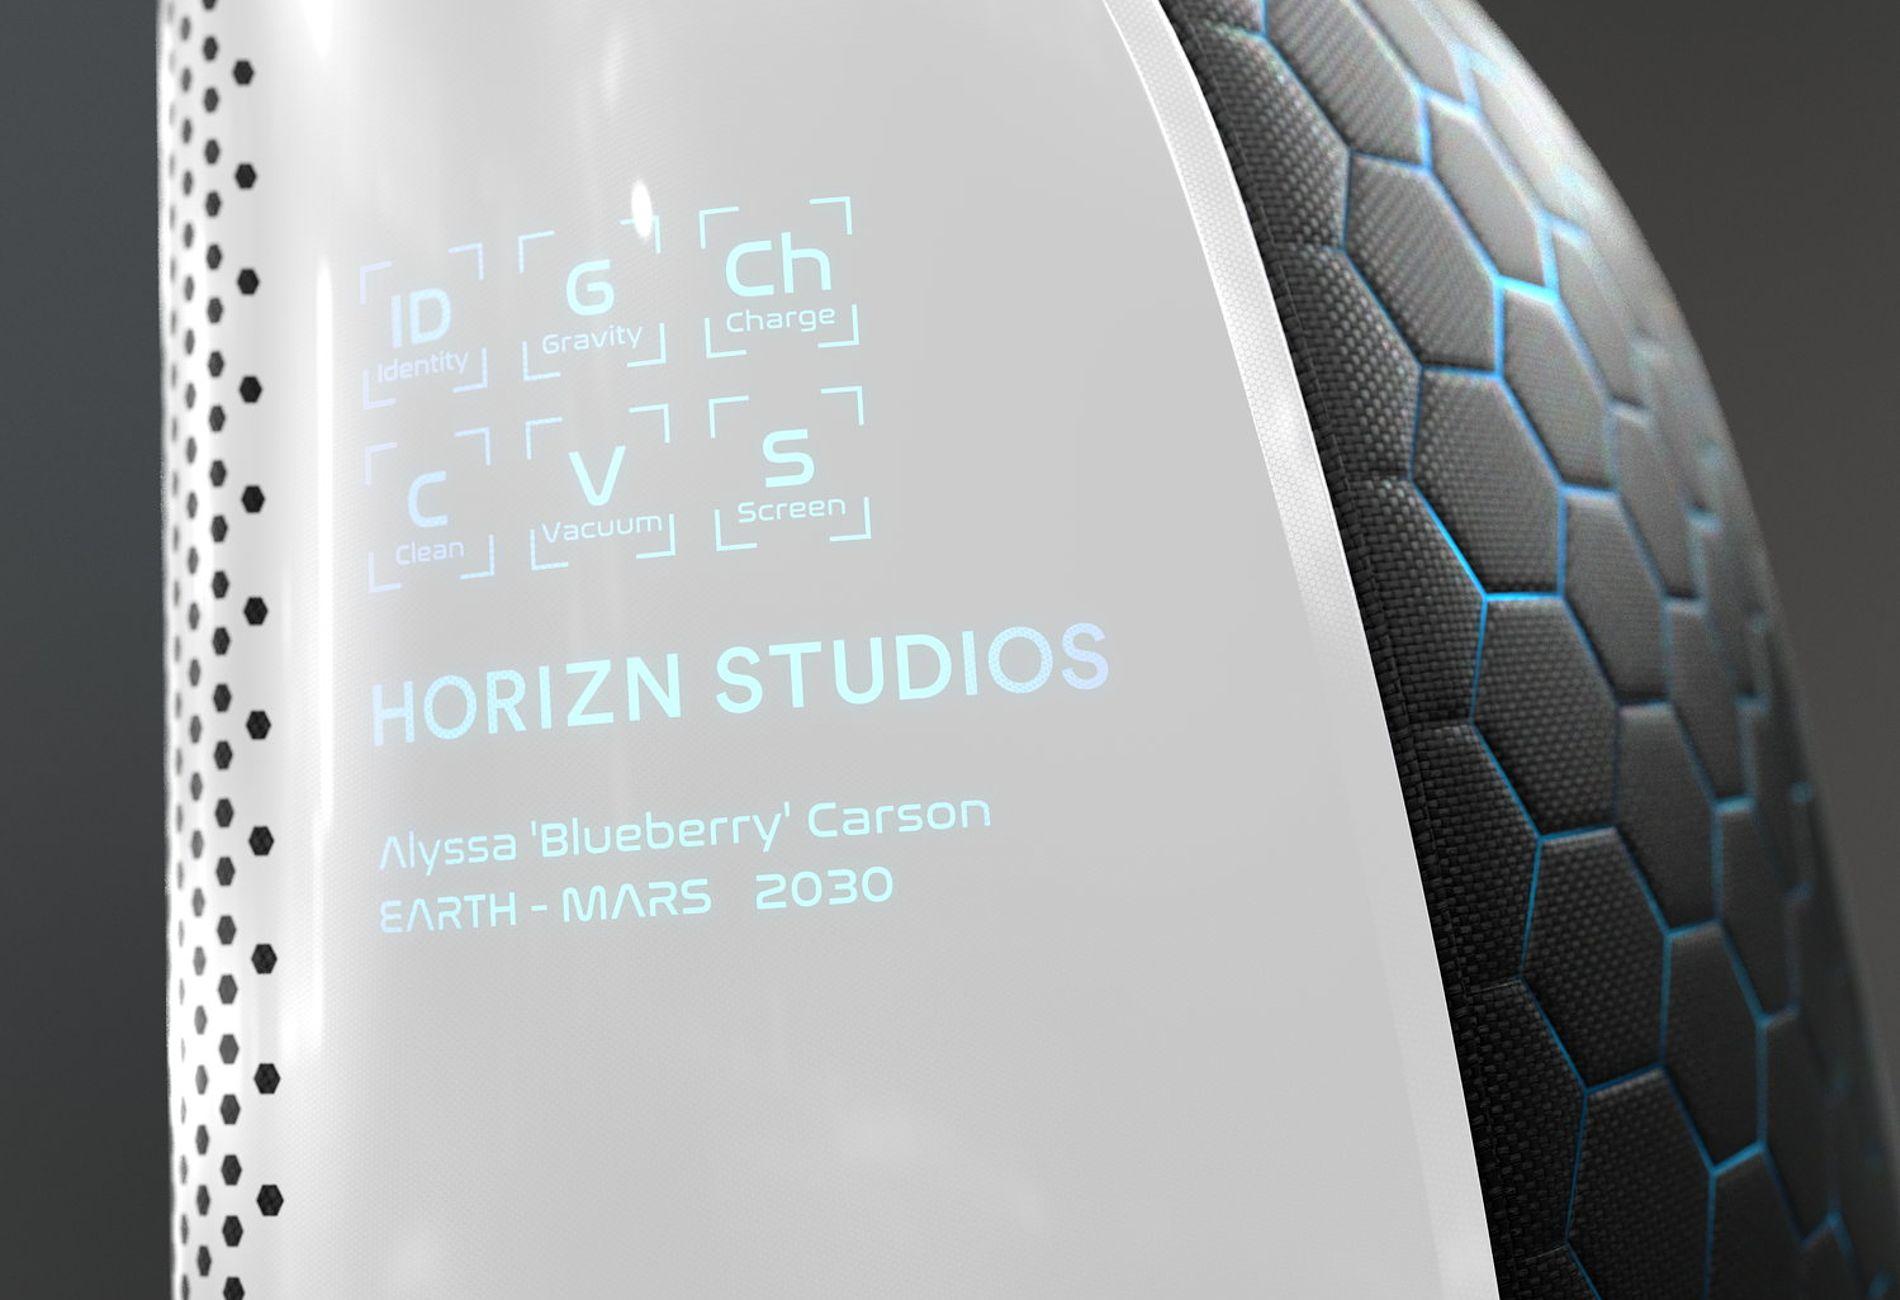 horizn-one-7e3131.jpg